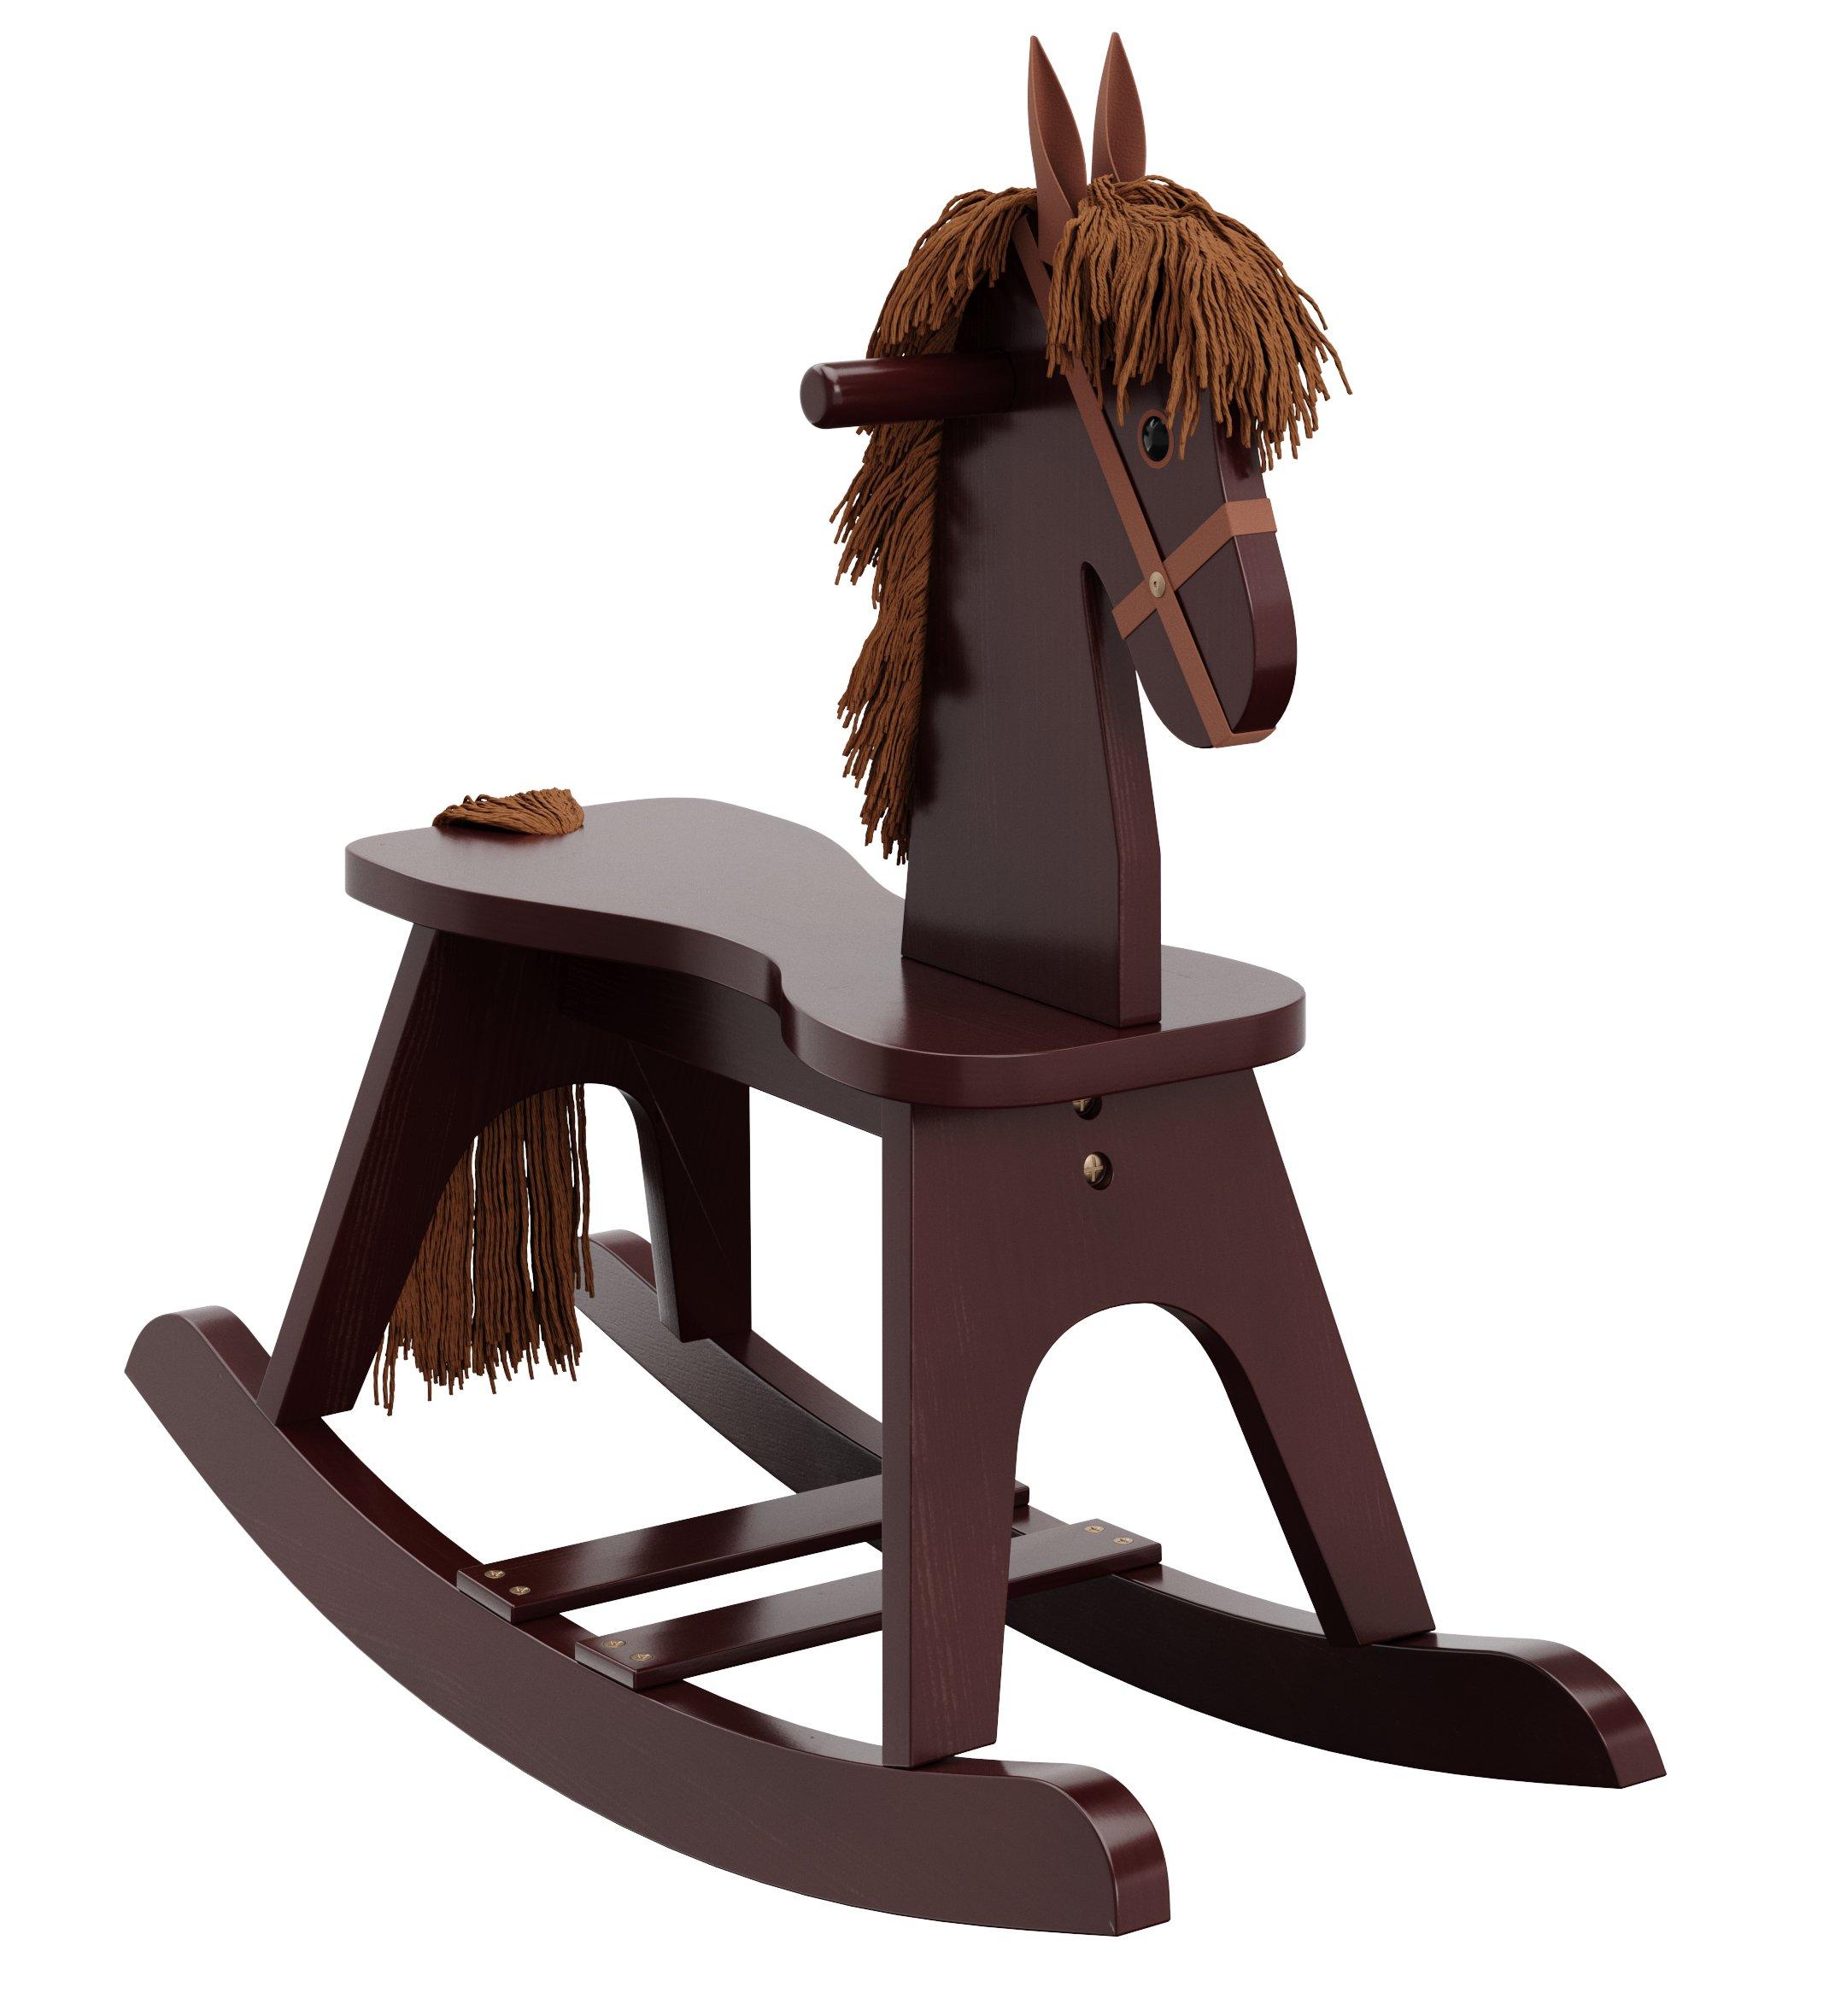 Storkcraft Wooden Rocking Horse, Espresso